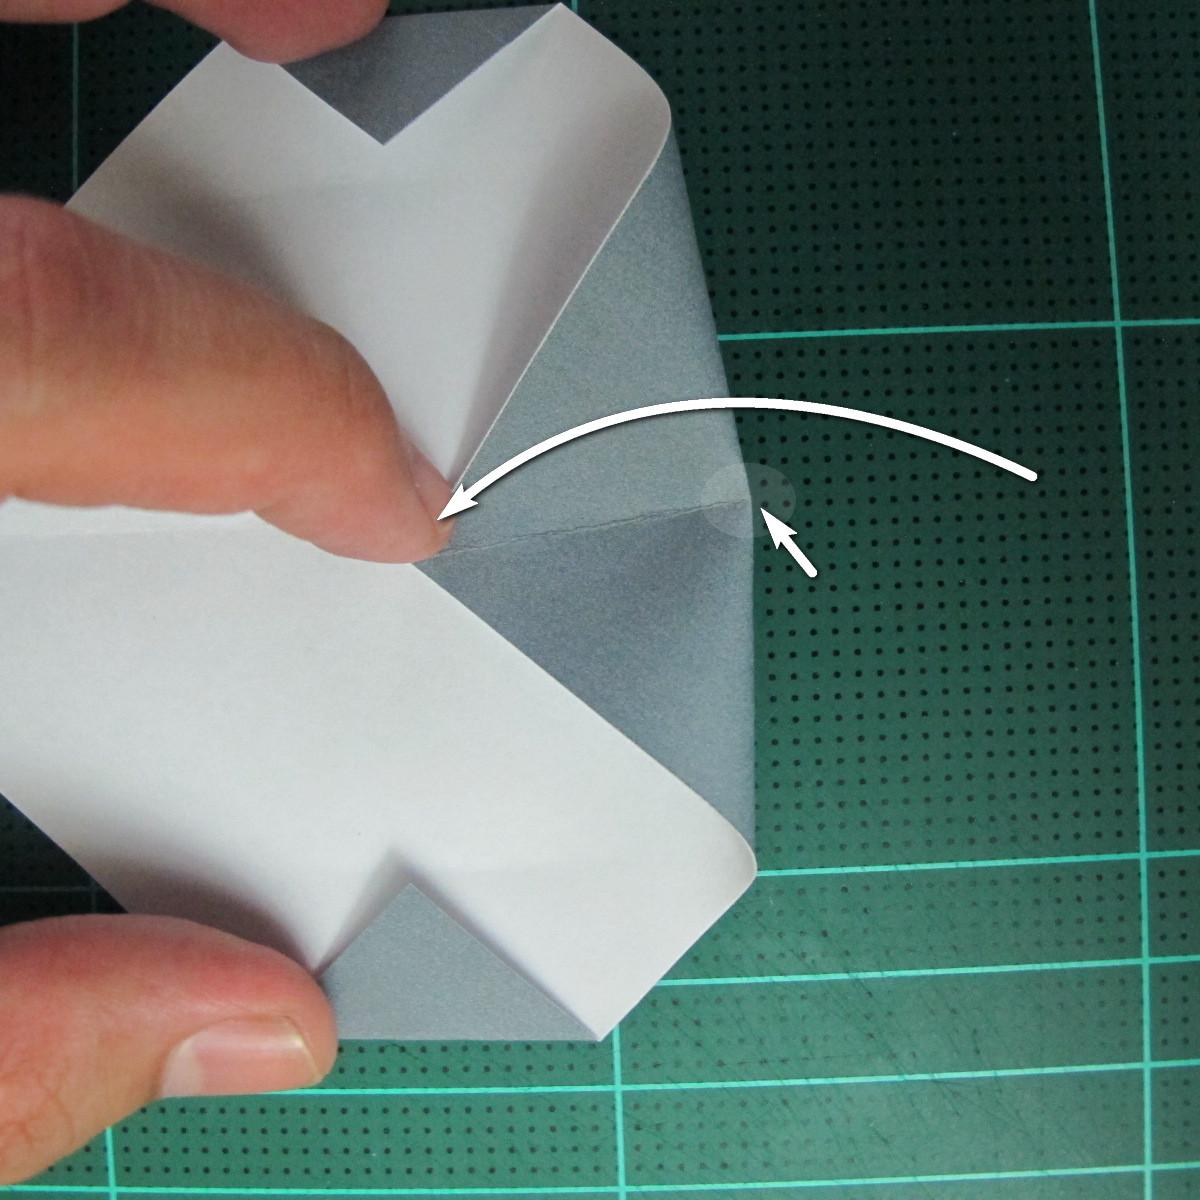 วิธีพับกระดาษเป็นรูปลูกสุนัข (แบบใช้กระดาษสองแผ่น) (Origami Dog) 012